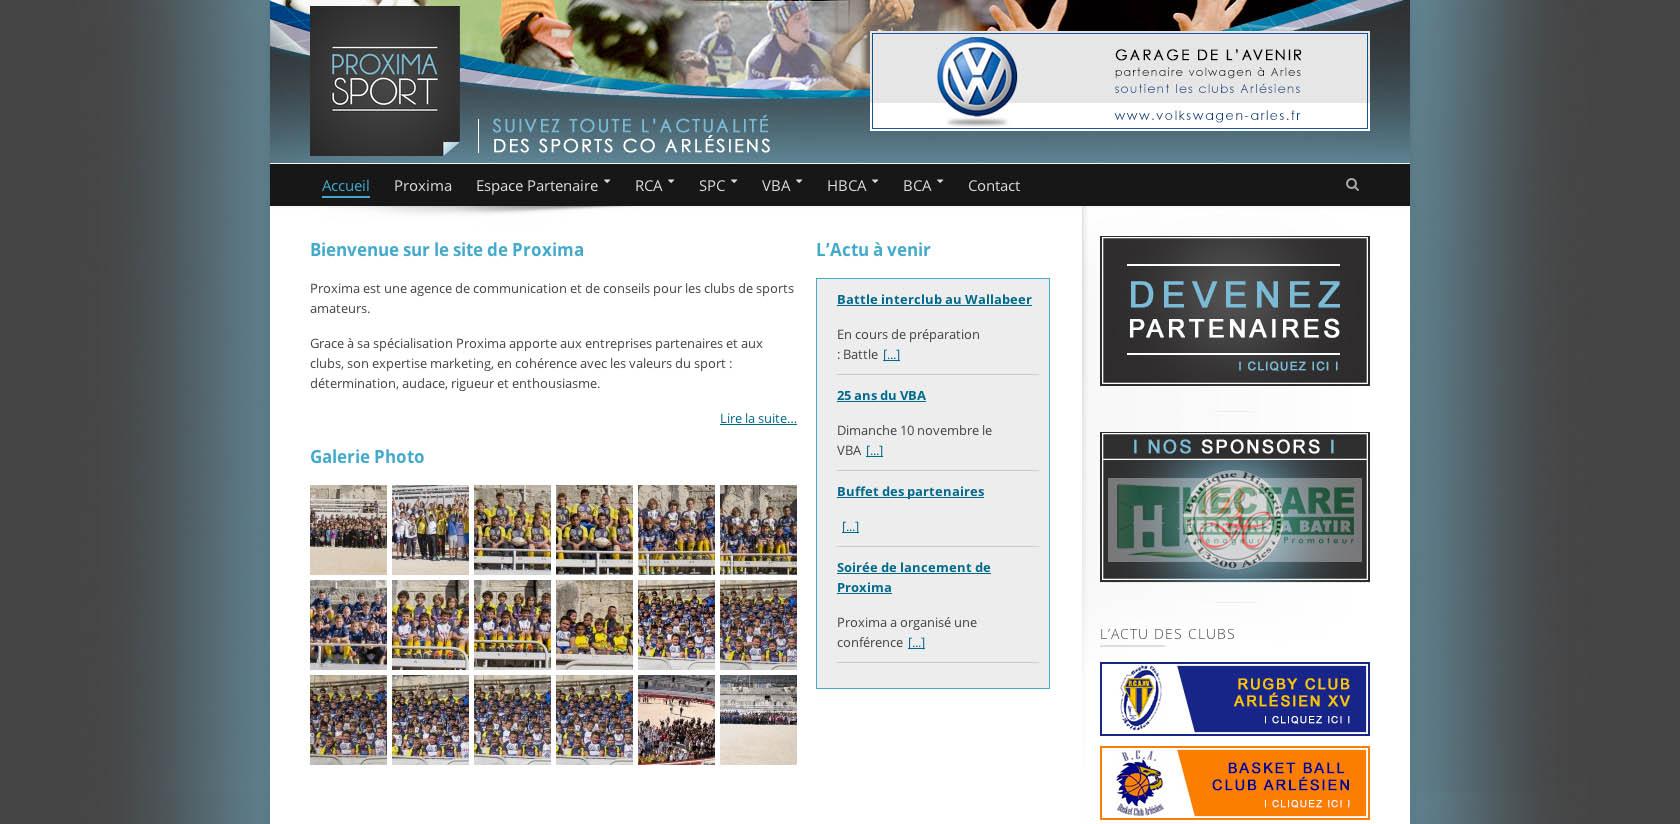 Création du site Internet de Proxima Sport à Arles